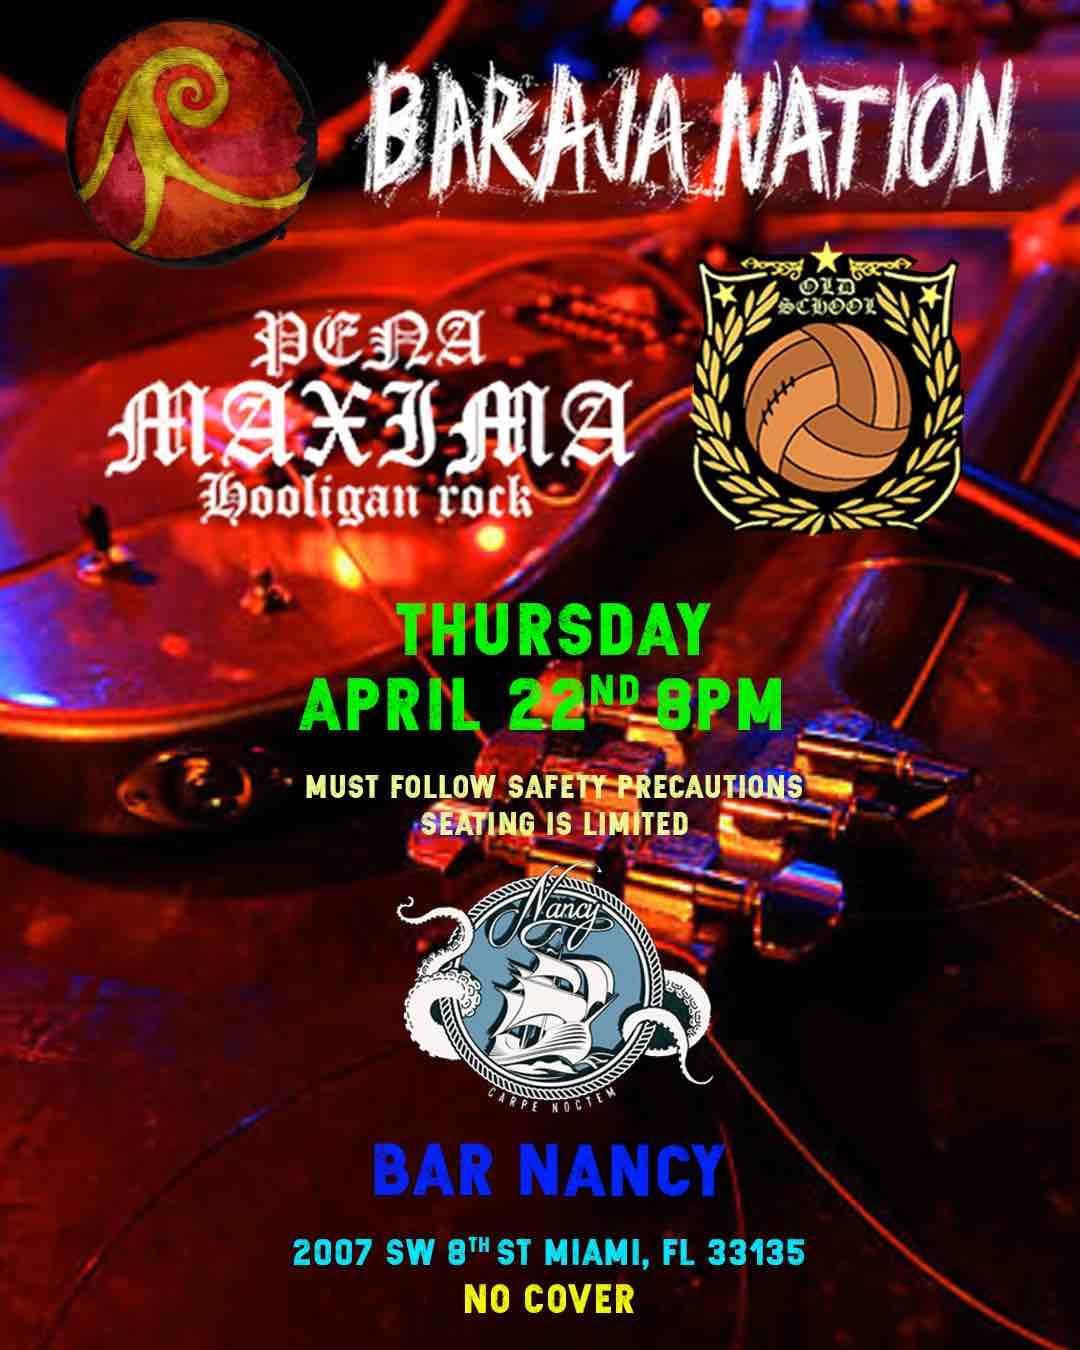 Baraja Nation at Bar Nancy - April 22 at 8PM